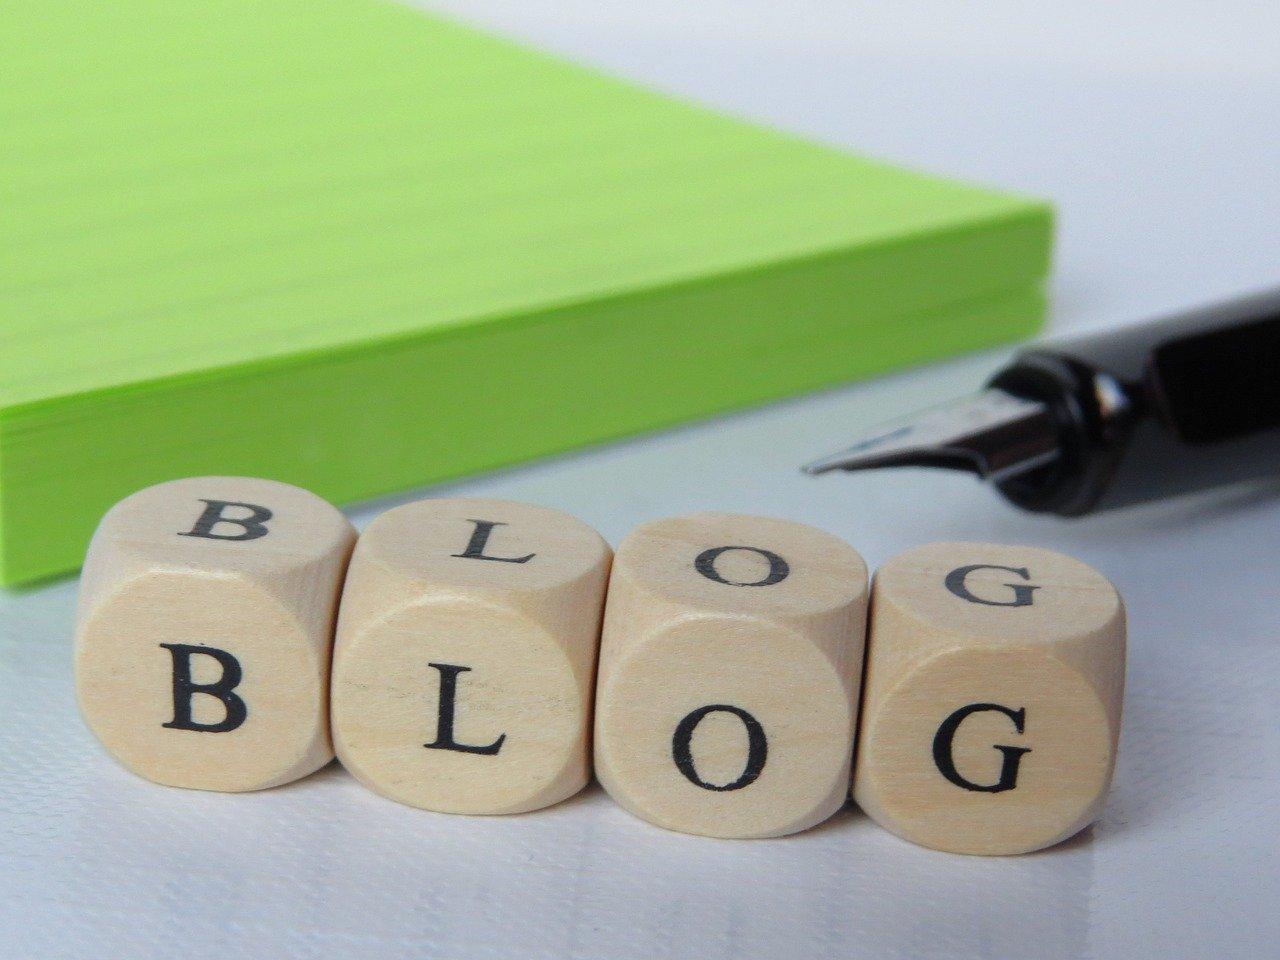 Création d'un site Internet Rivière-Salée avec WordPress